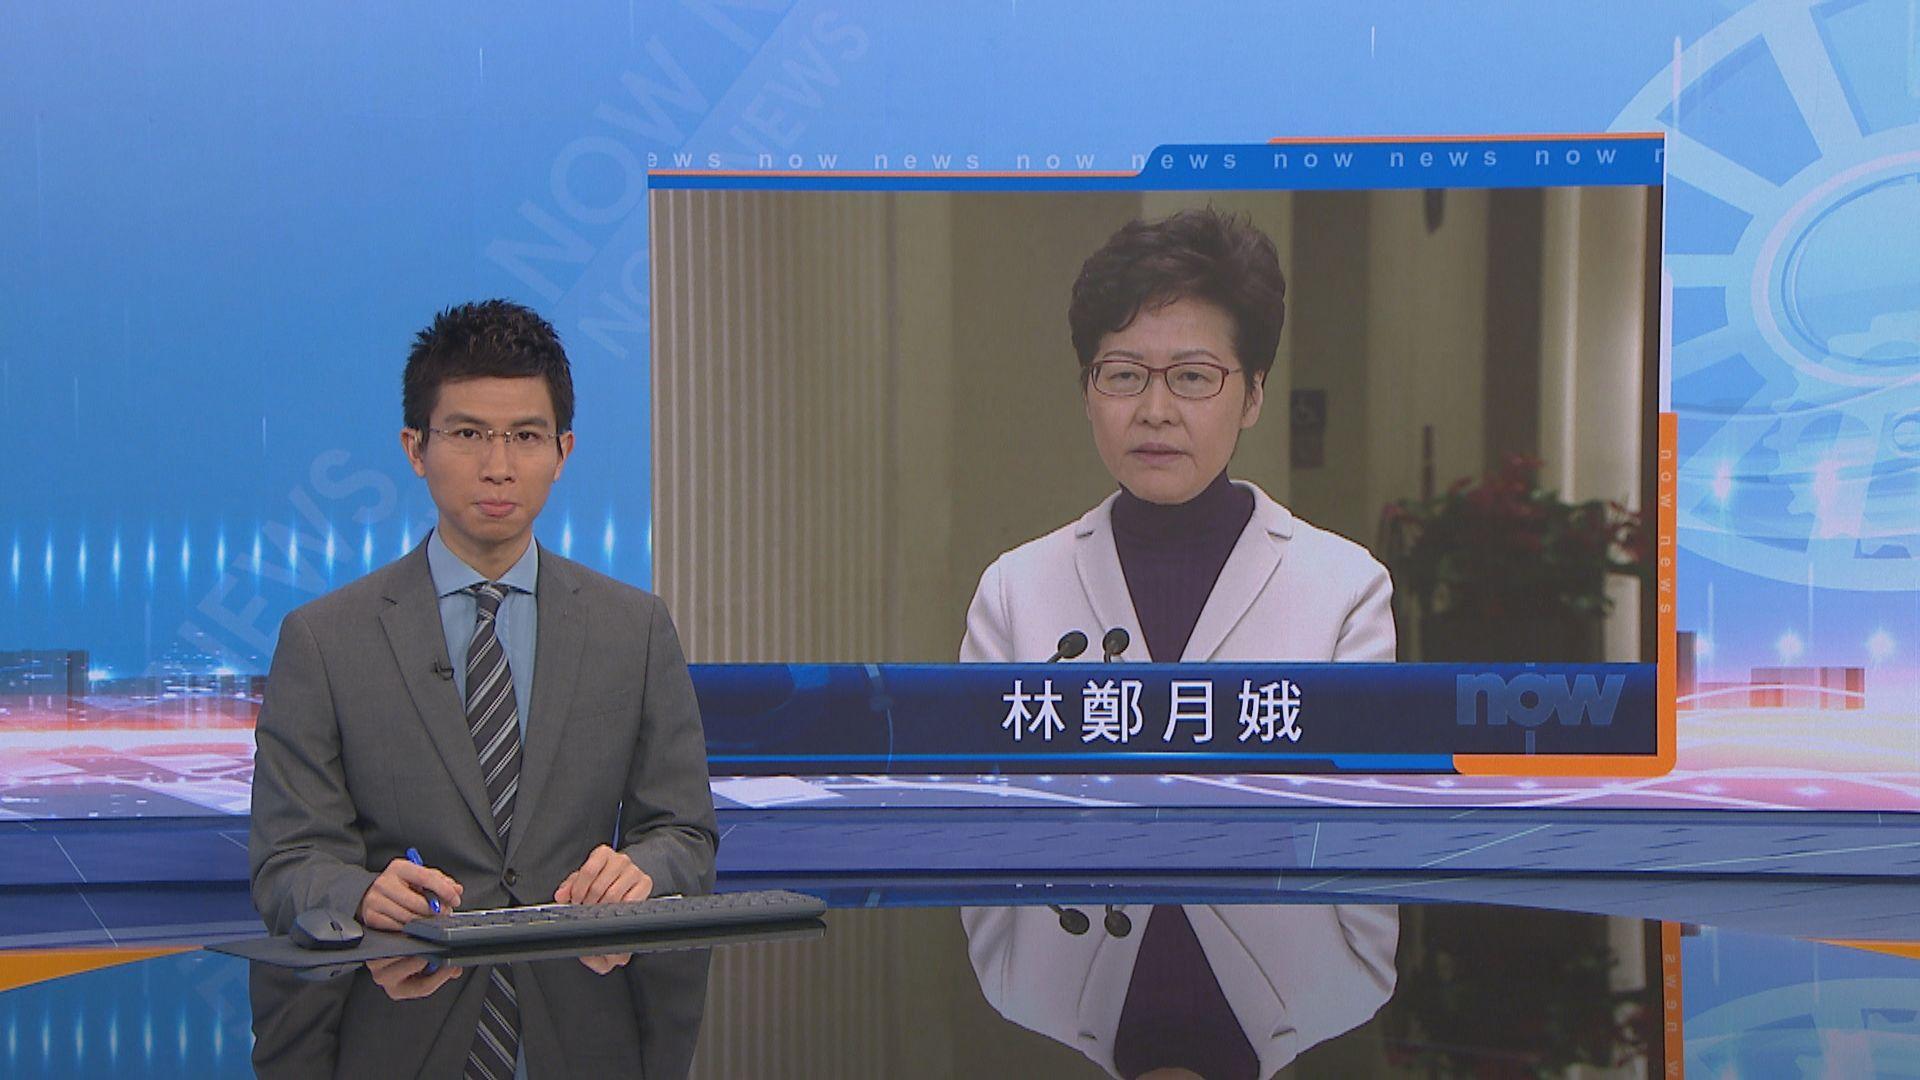 林鄭強烈反對美通過人權法案 承認影響投資信心